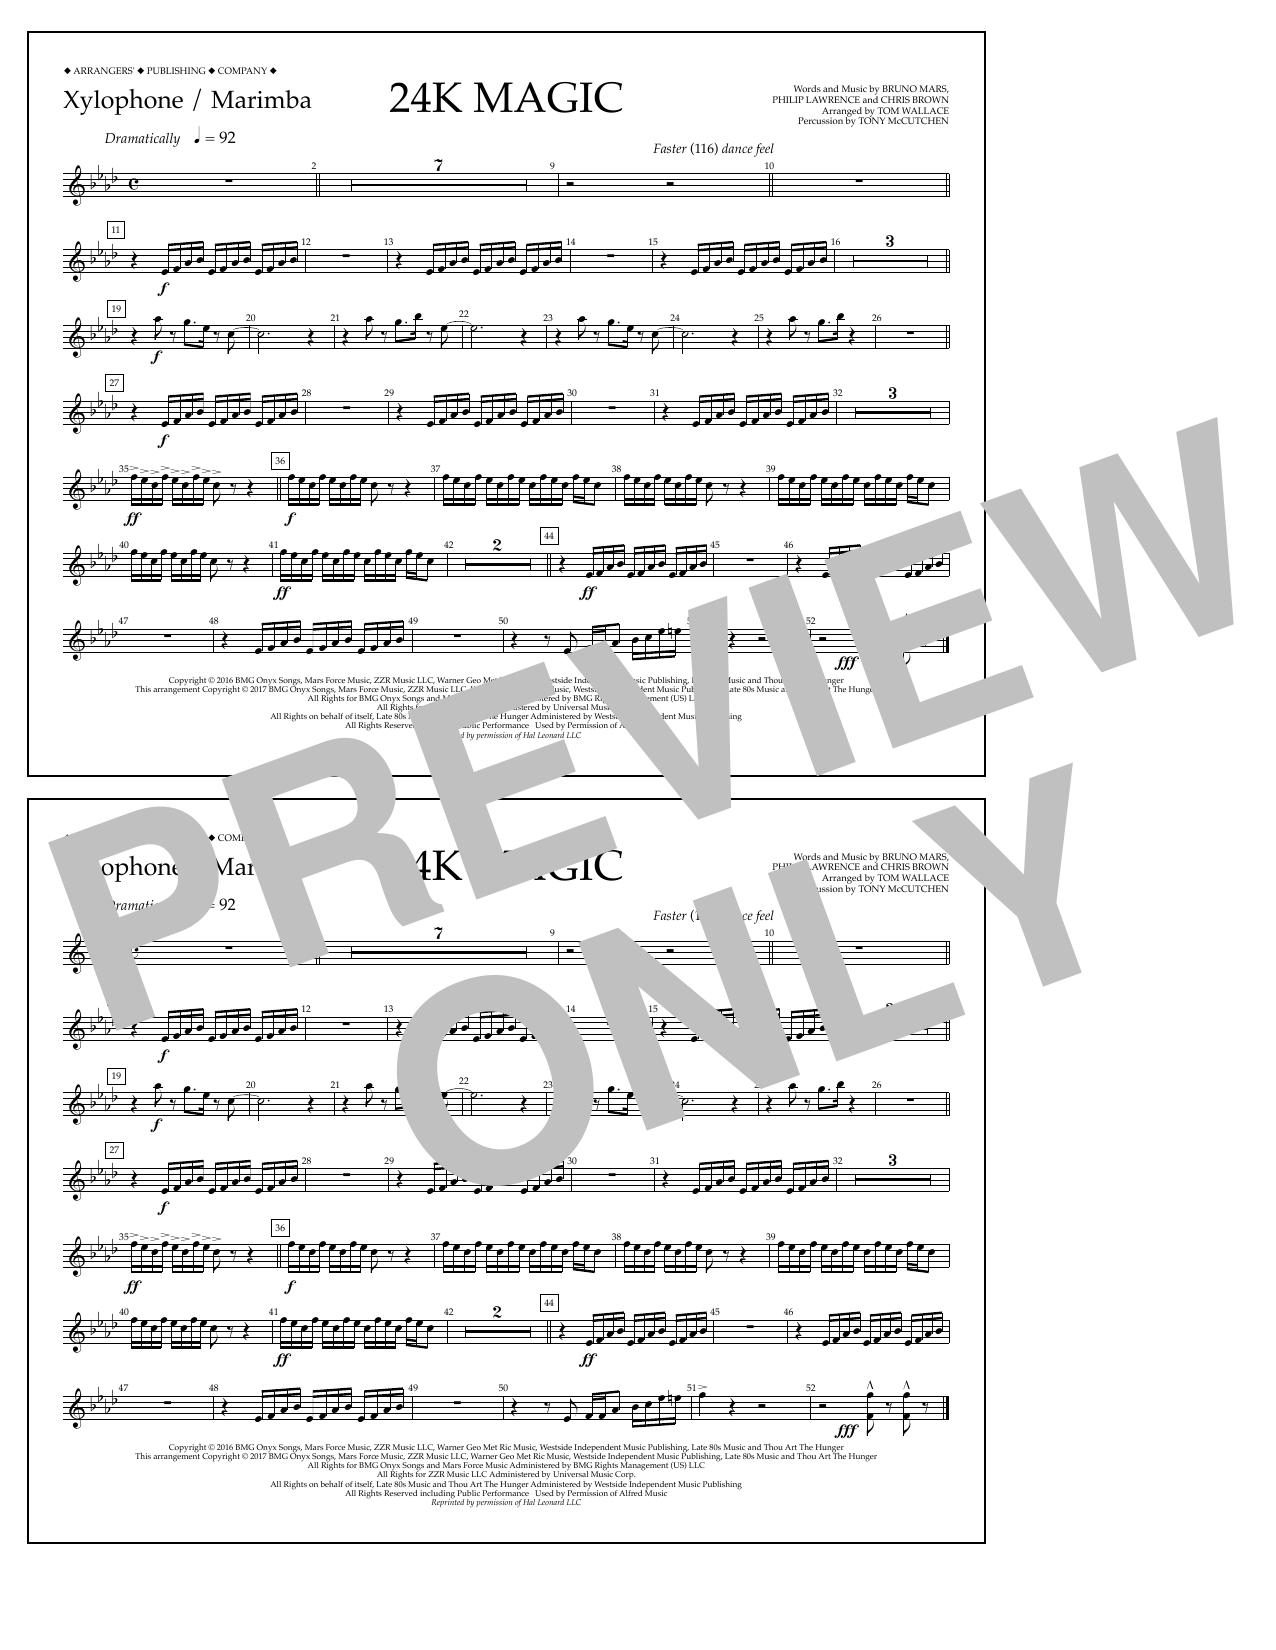 24K Magic - Xylophone/Marimba Sheet Music